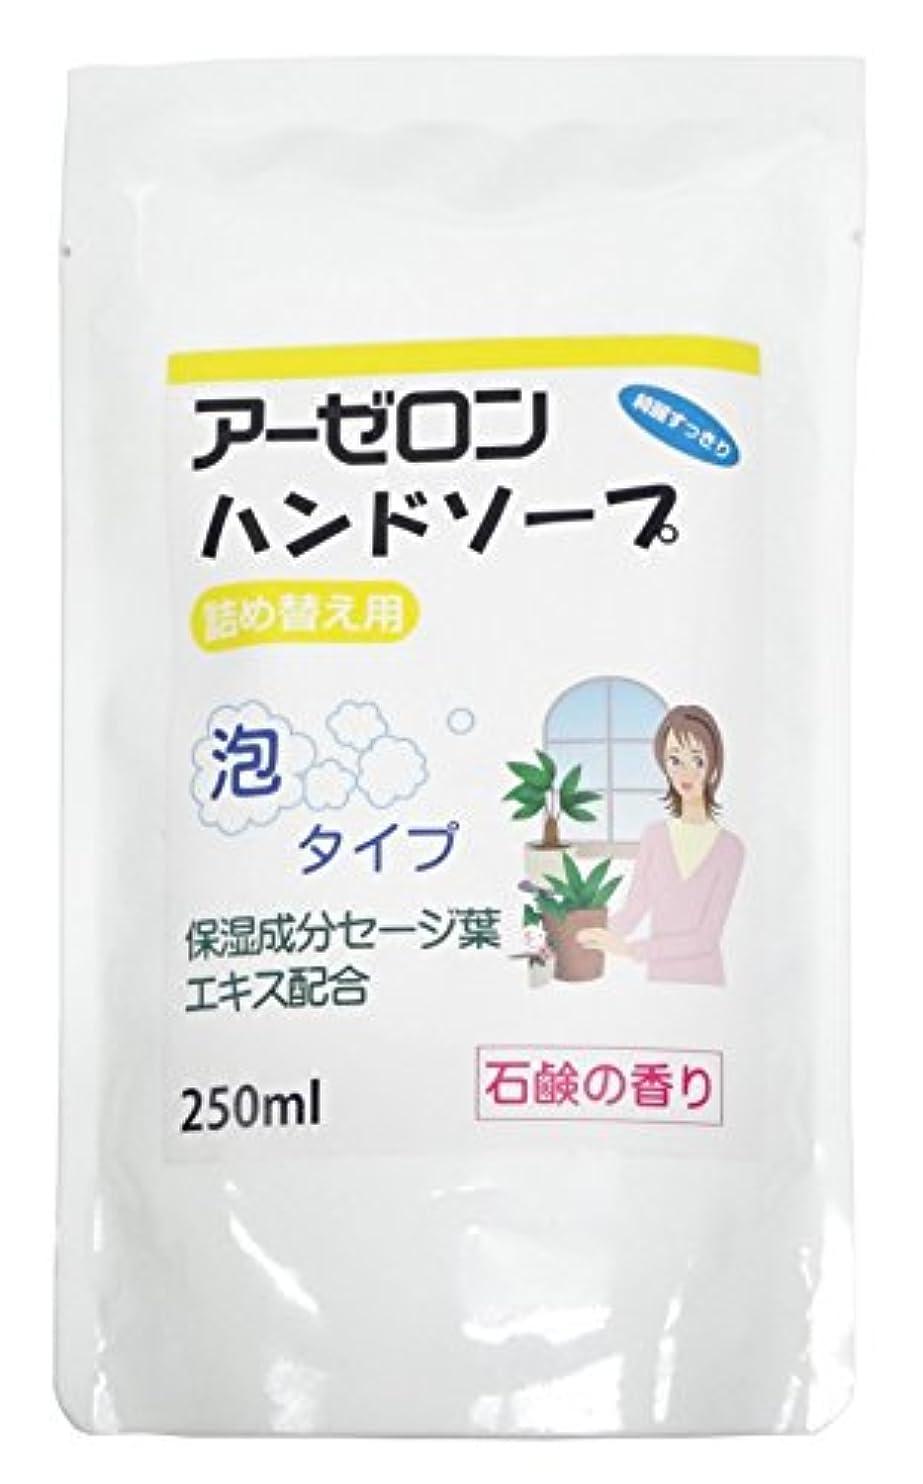 曇った音楽を聴くテクスチャーアーゼロンハンドソープ 石鹸の香り(詰め替え用) 250ml